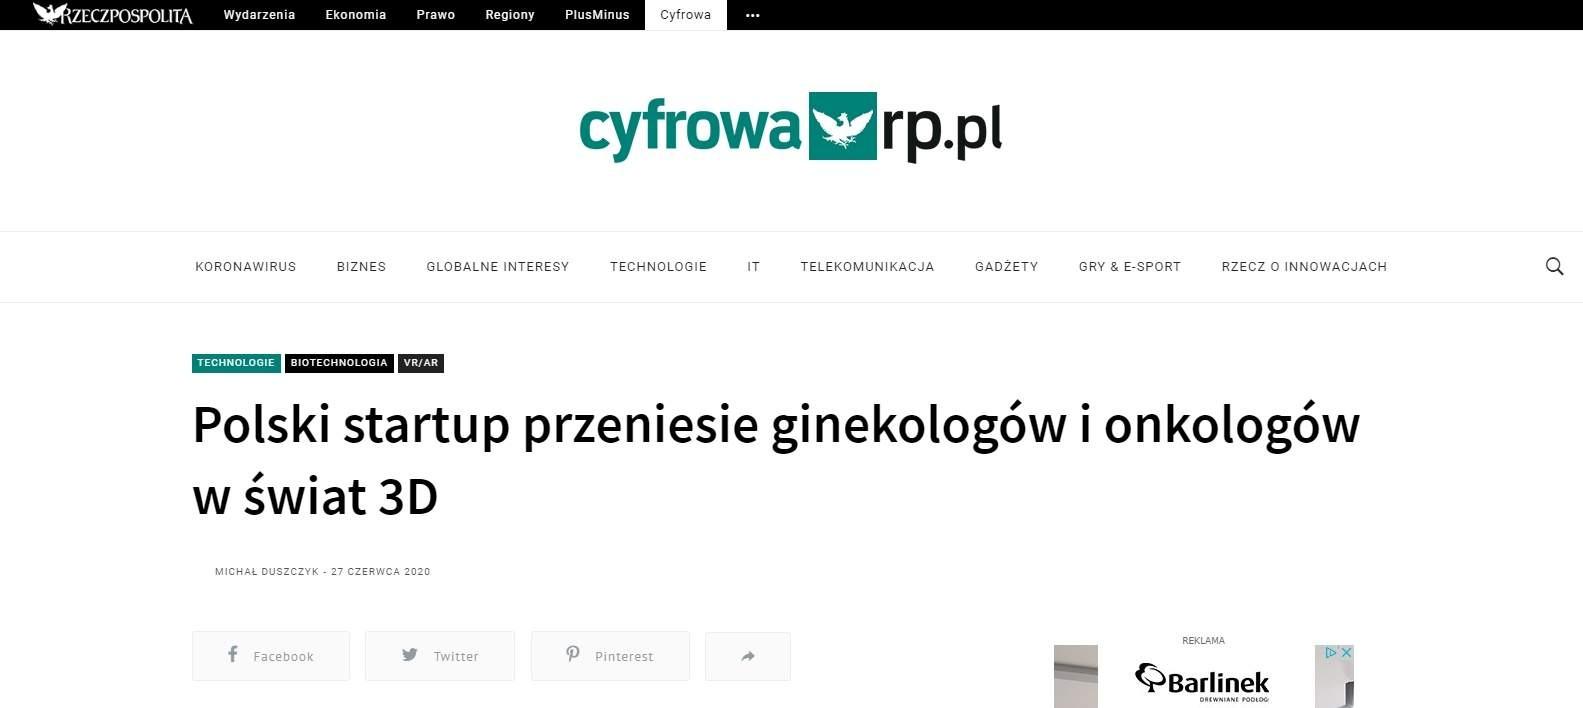 polski startup przeniesie ginekologow i onkologow w swiat d